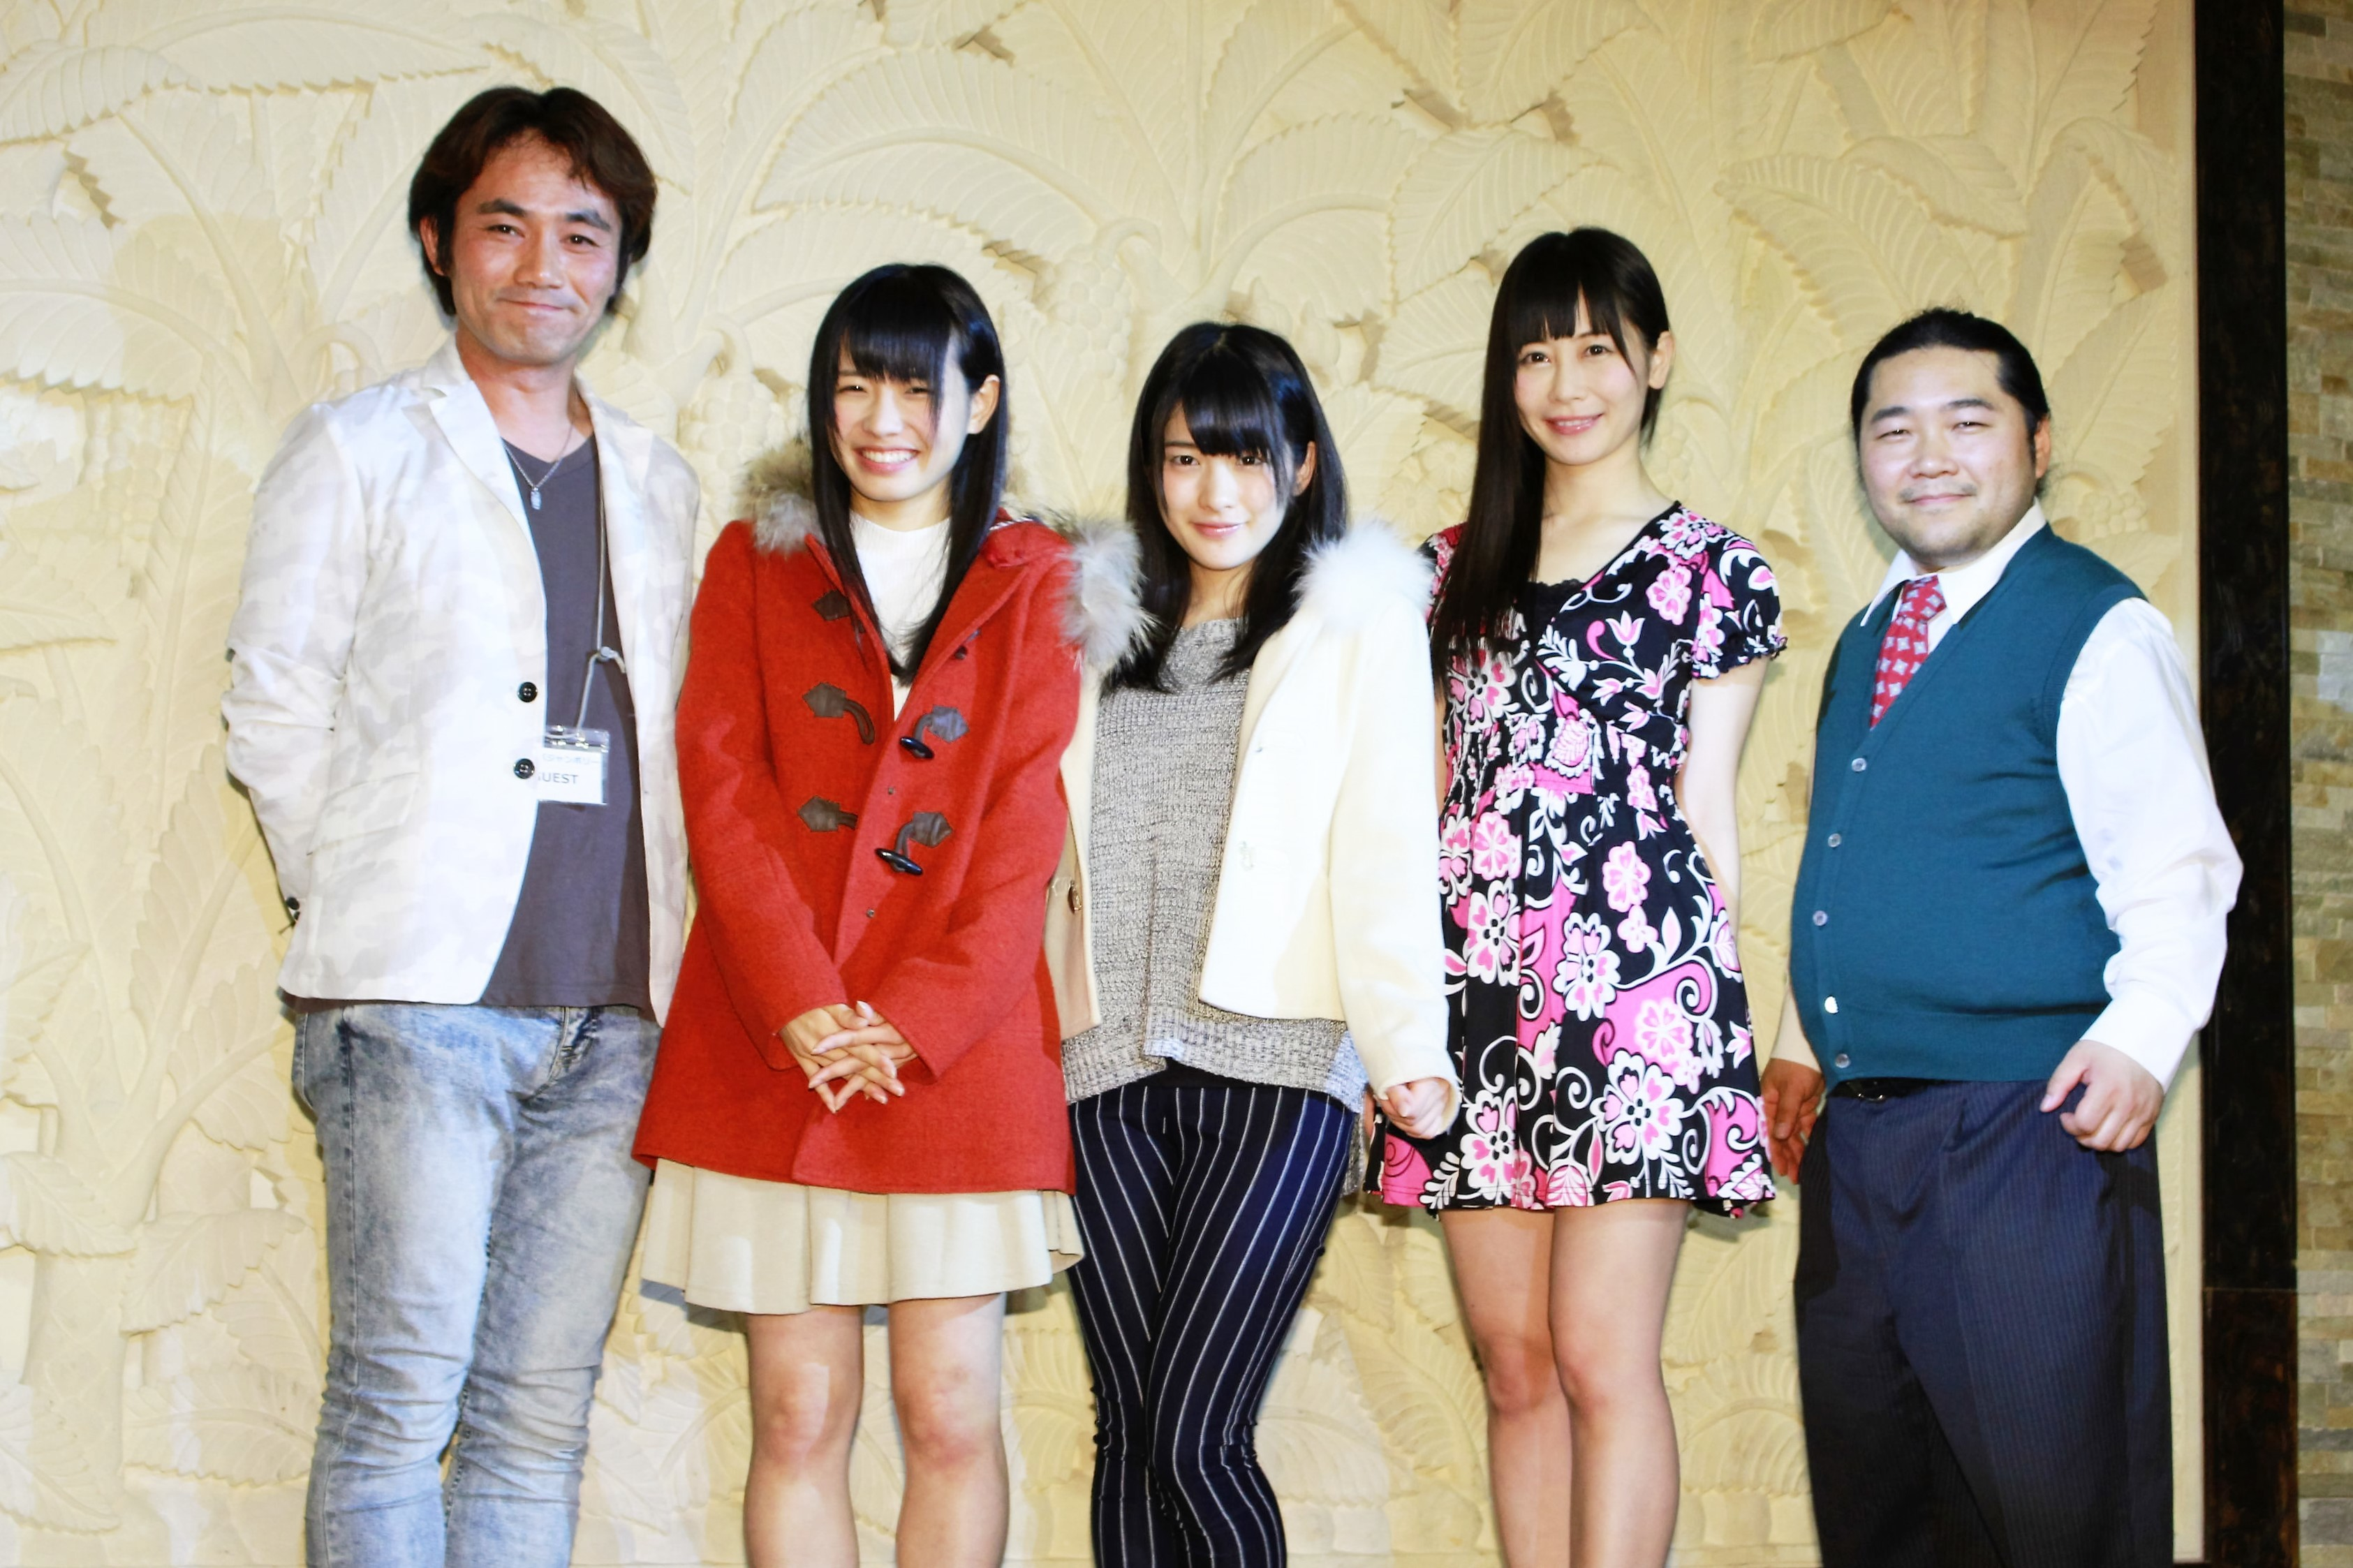 左から、藤田真一監督、窪田美沙、神谷えりな、桜のどか、松木威人